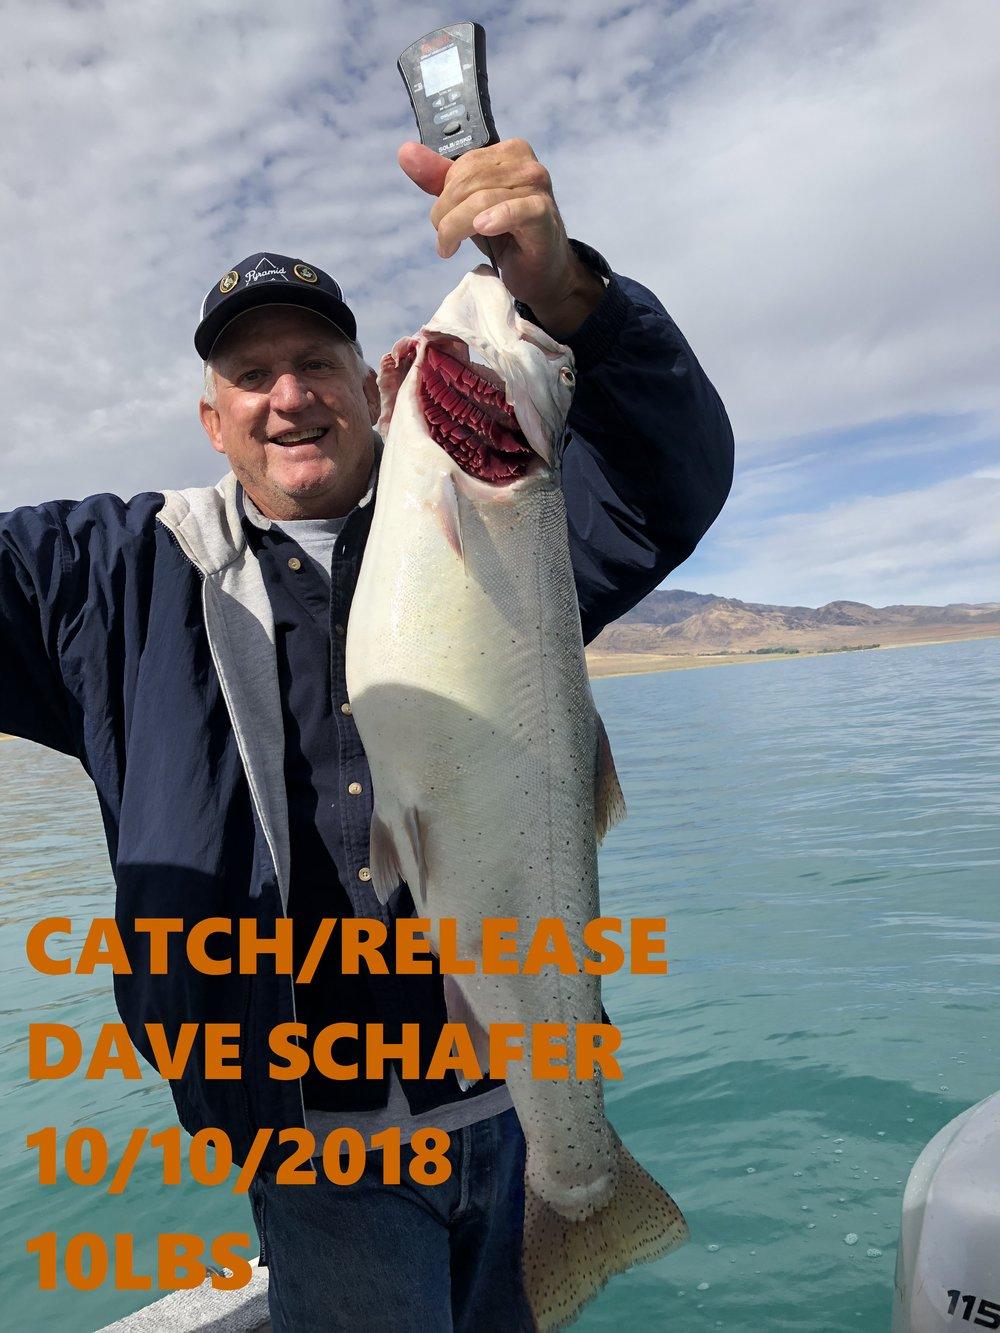 DAVE SCHAFER 10-10-18.jpg